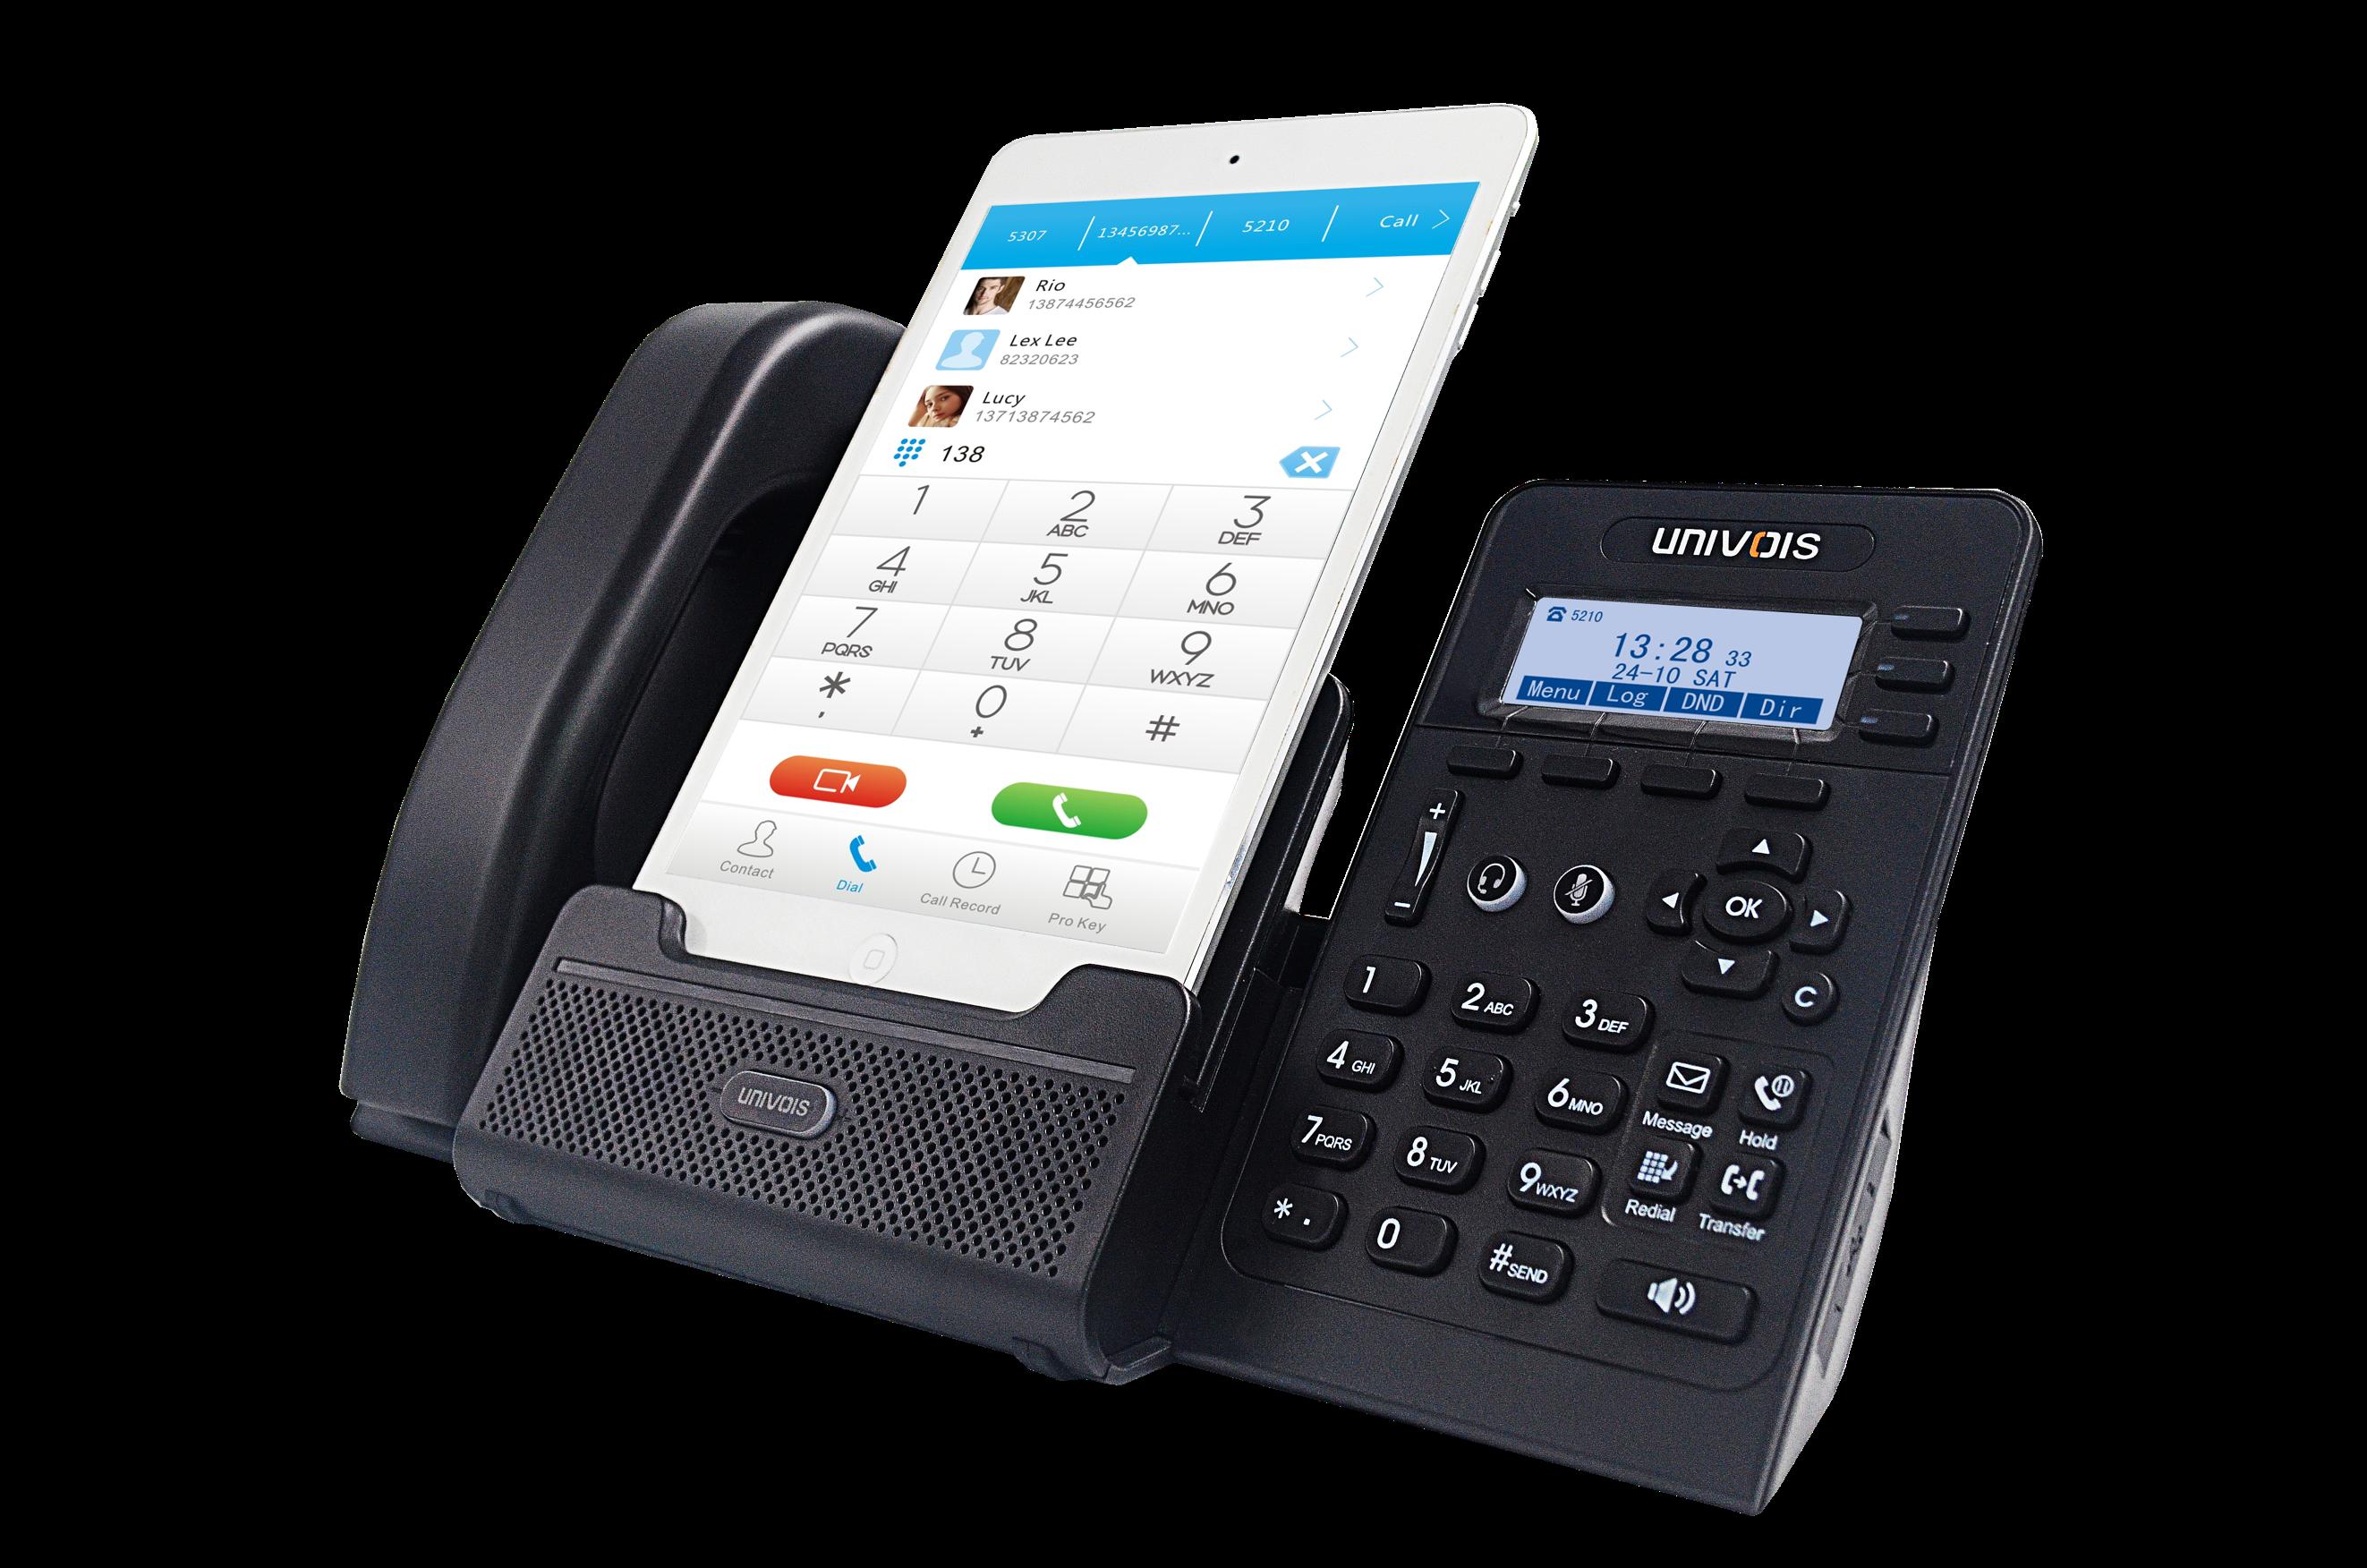 IP-телефоны Univois – удобные средства связи с расширенным функционалом